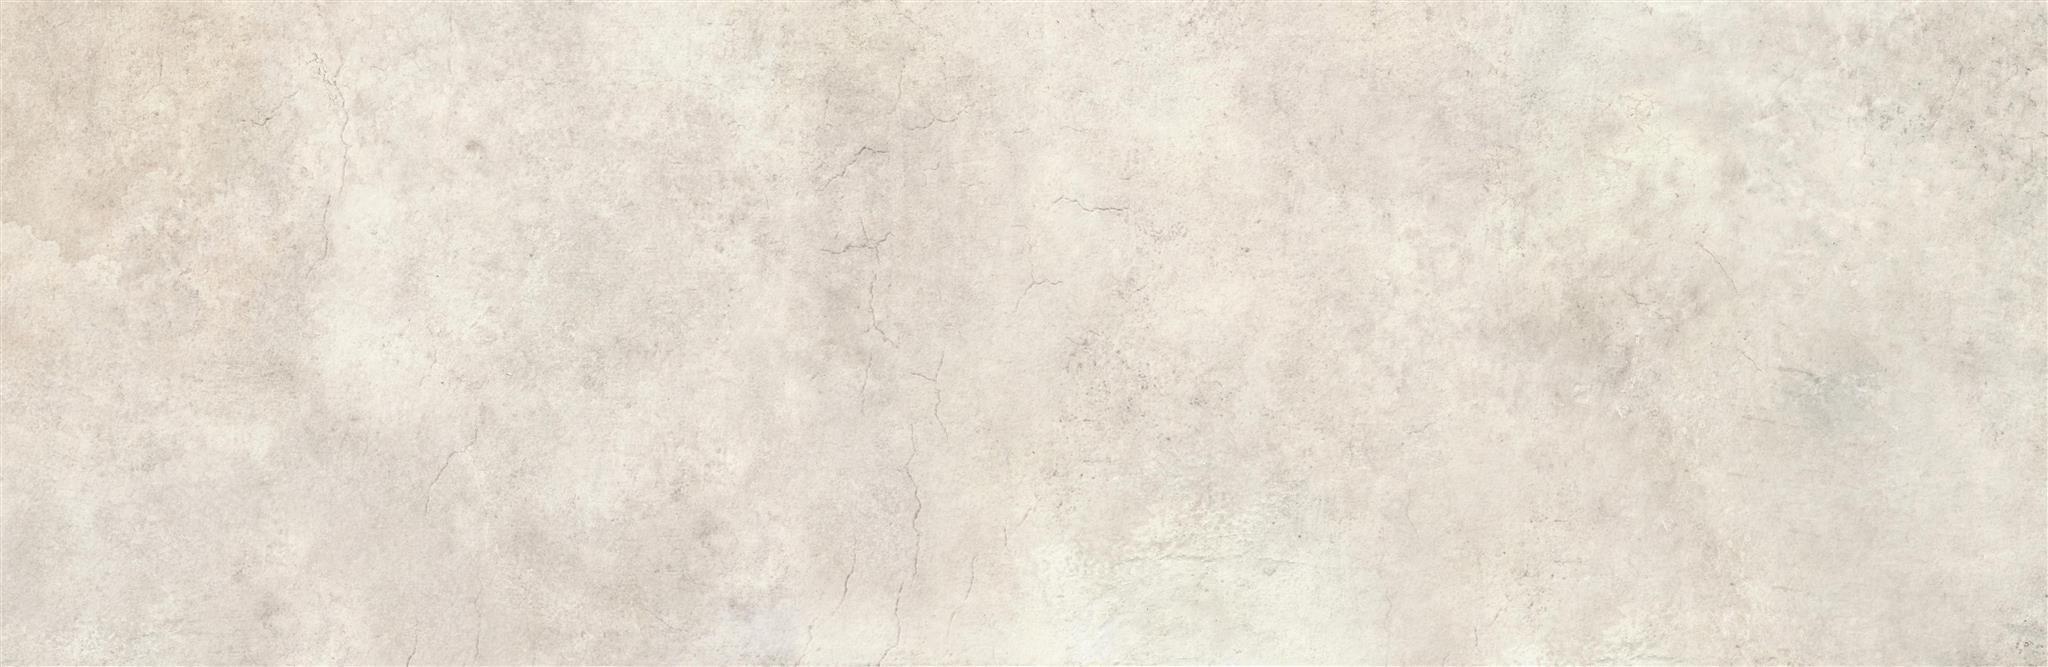 Купить Керамическая плитка Mei Honey Stone бежевый (O-HOA-WTA011) настенная 29x89, Россия